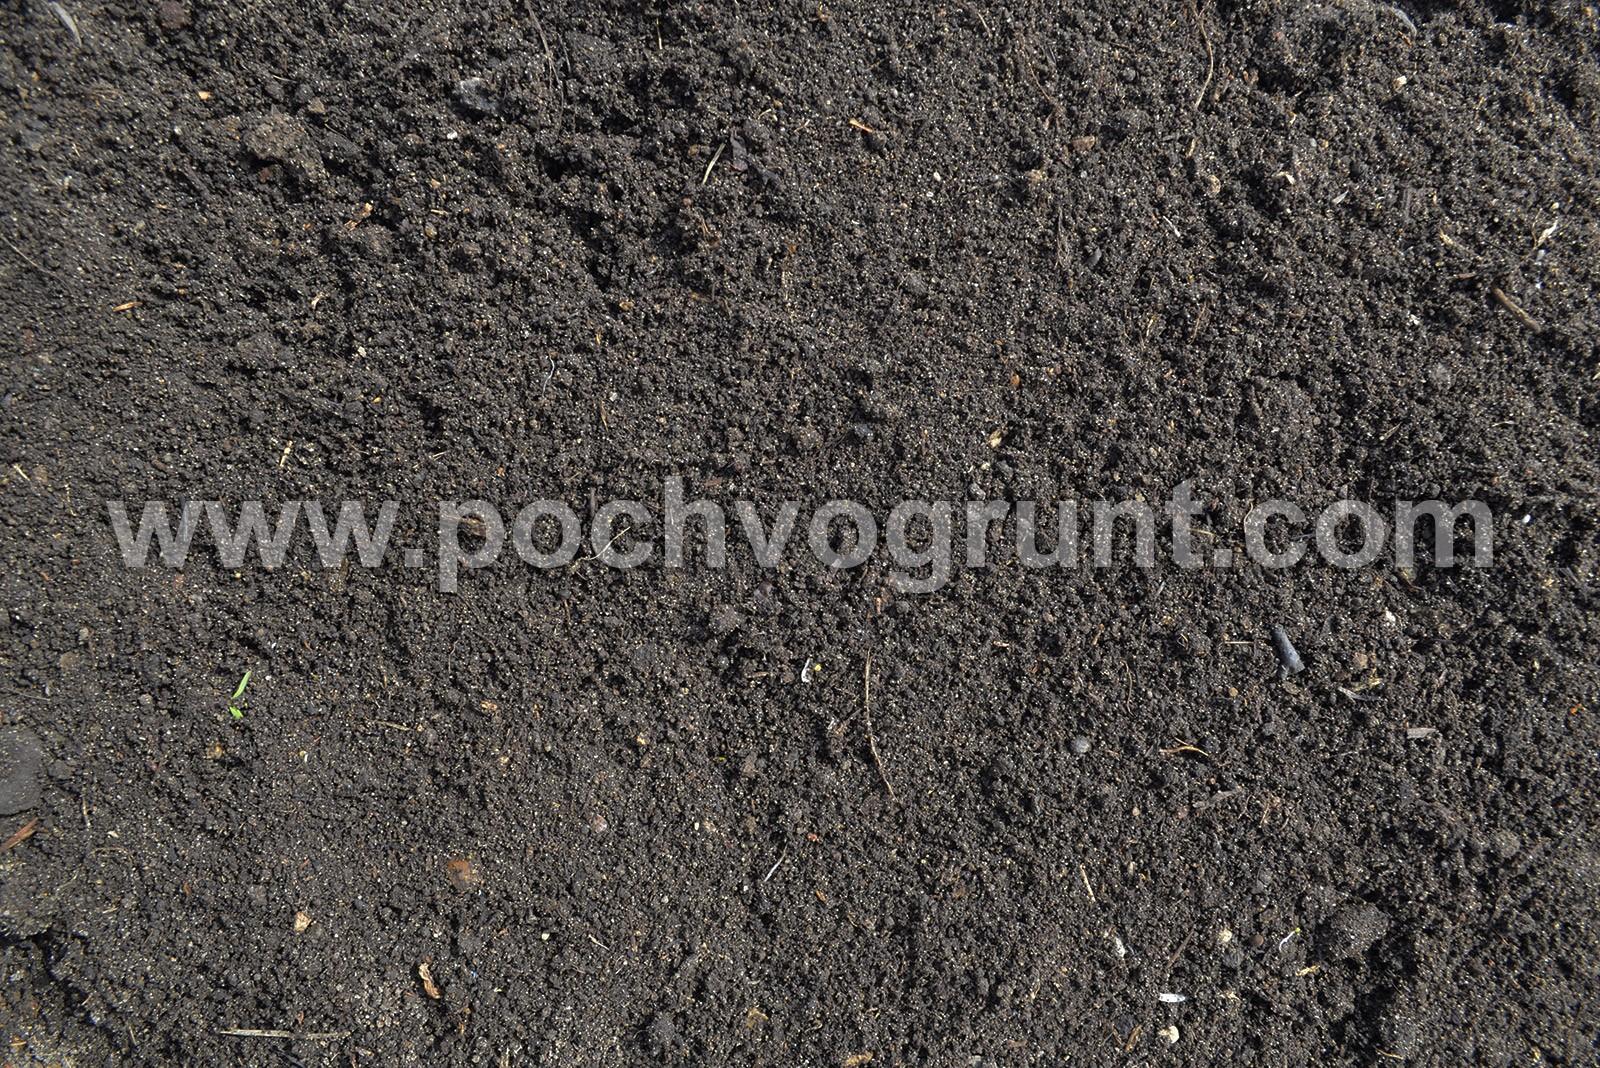 Купить почвогрунт в Чехове и Чеховском районе